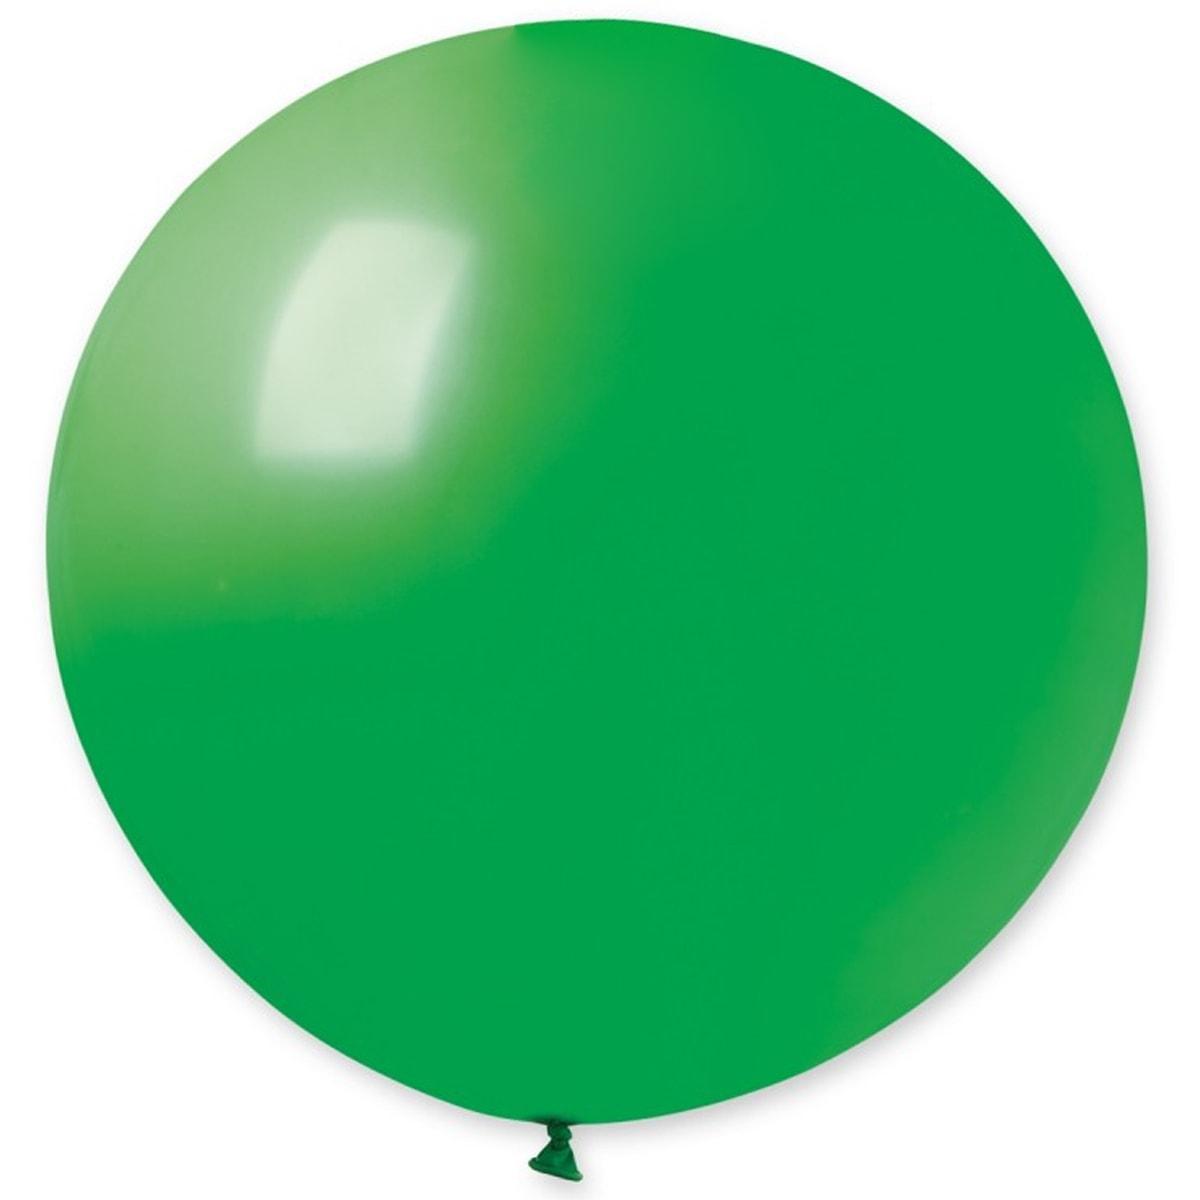 Воздушный шар 31' пастель Gemar G220-12 Зеленый, без полосок (80 см)